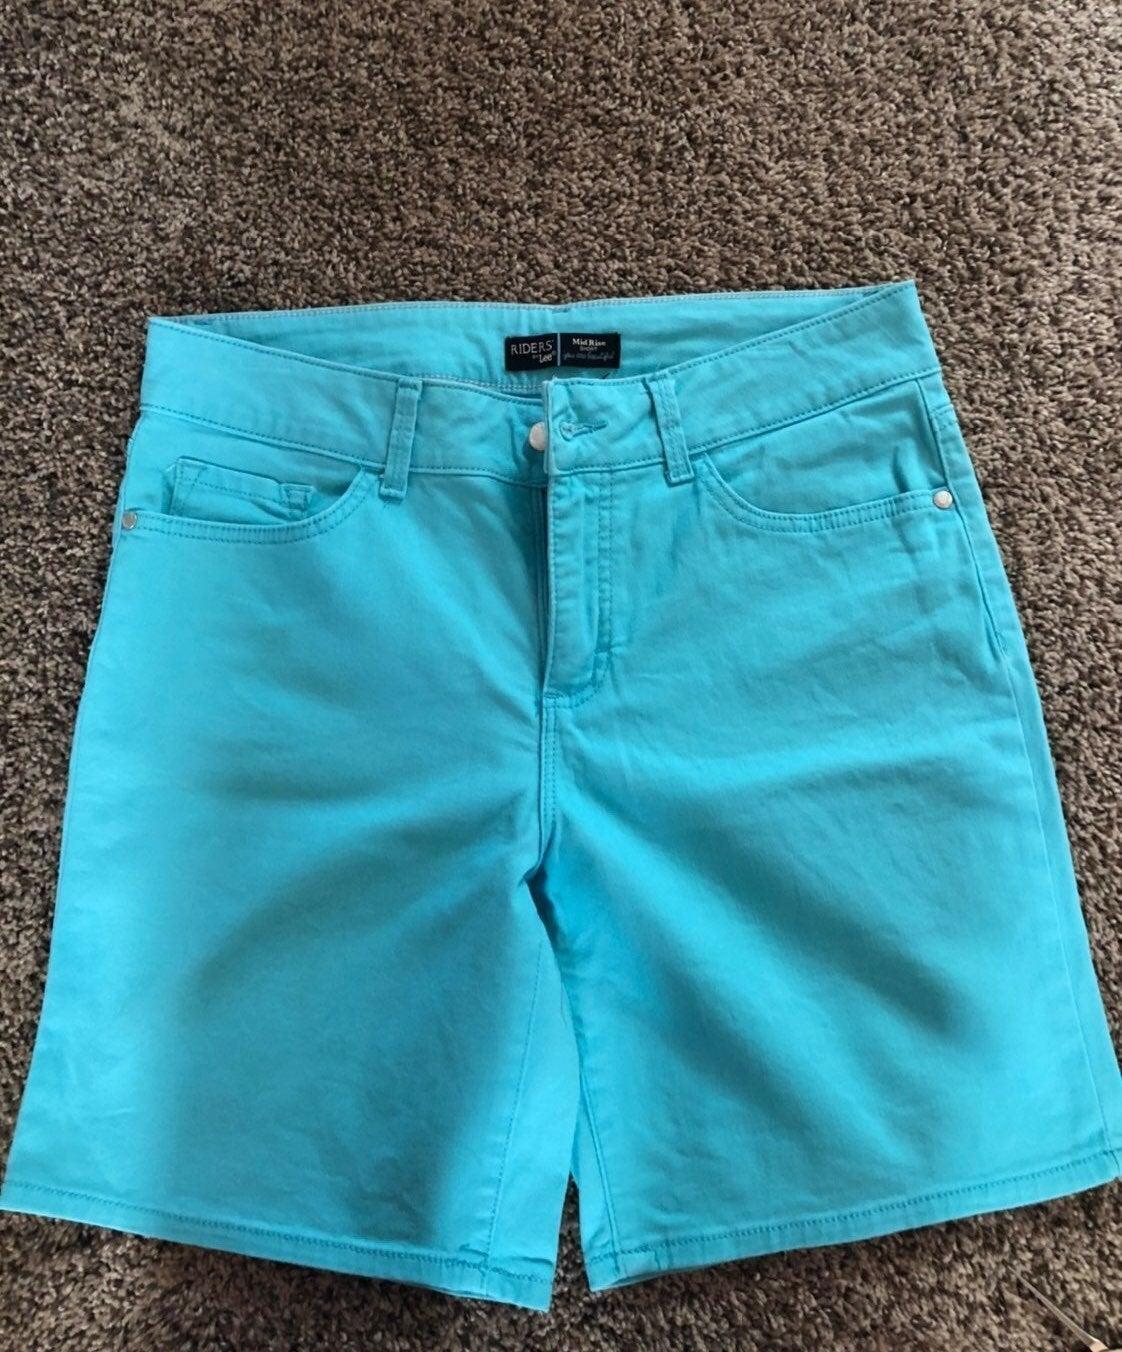 Shorts excellent condition, size 10M